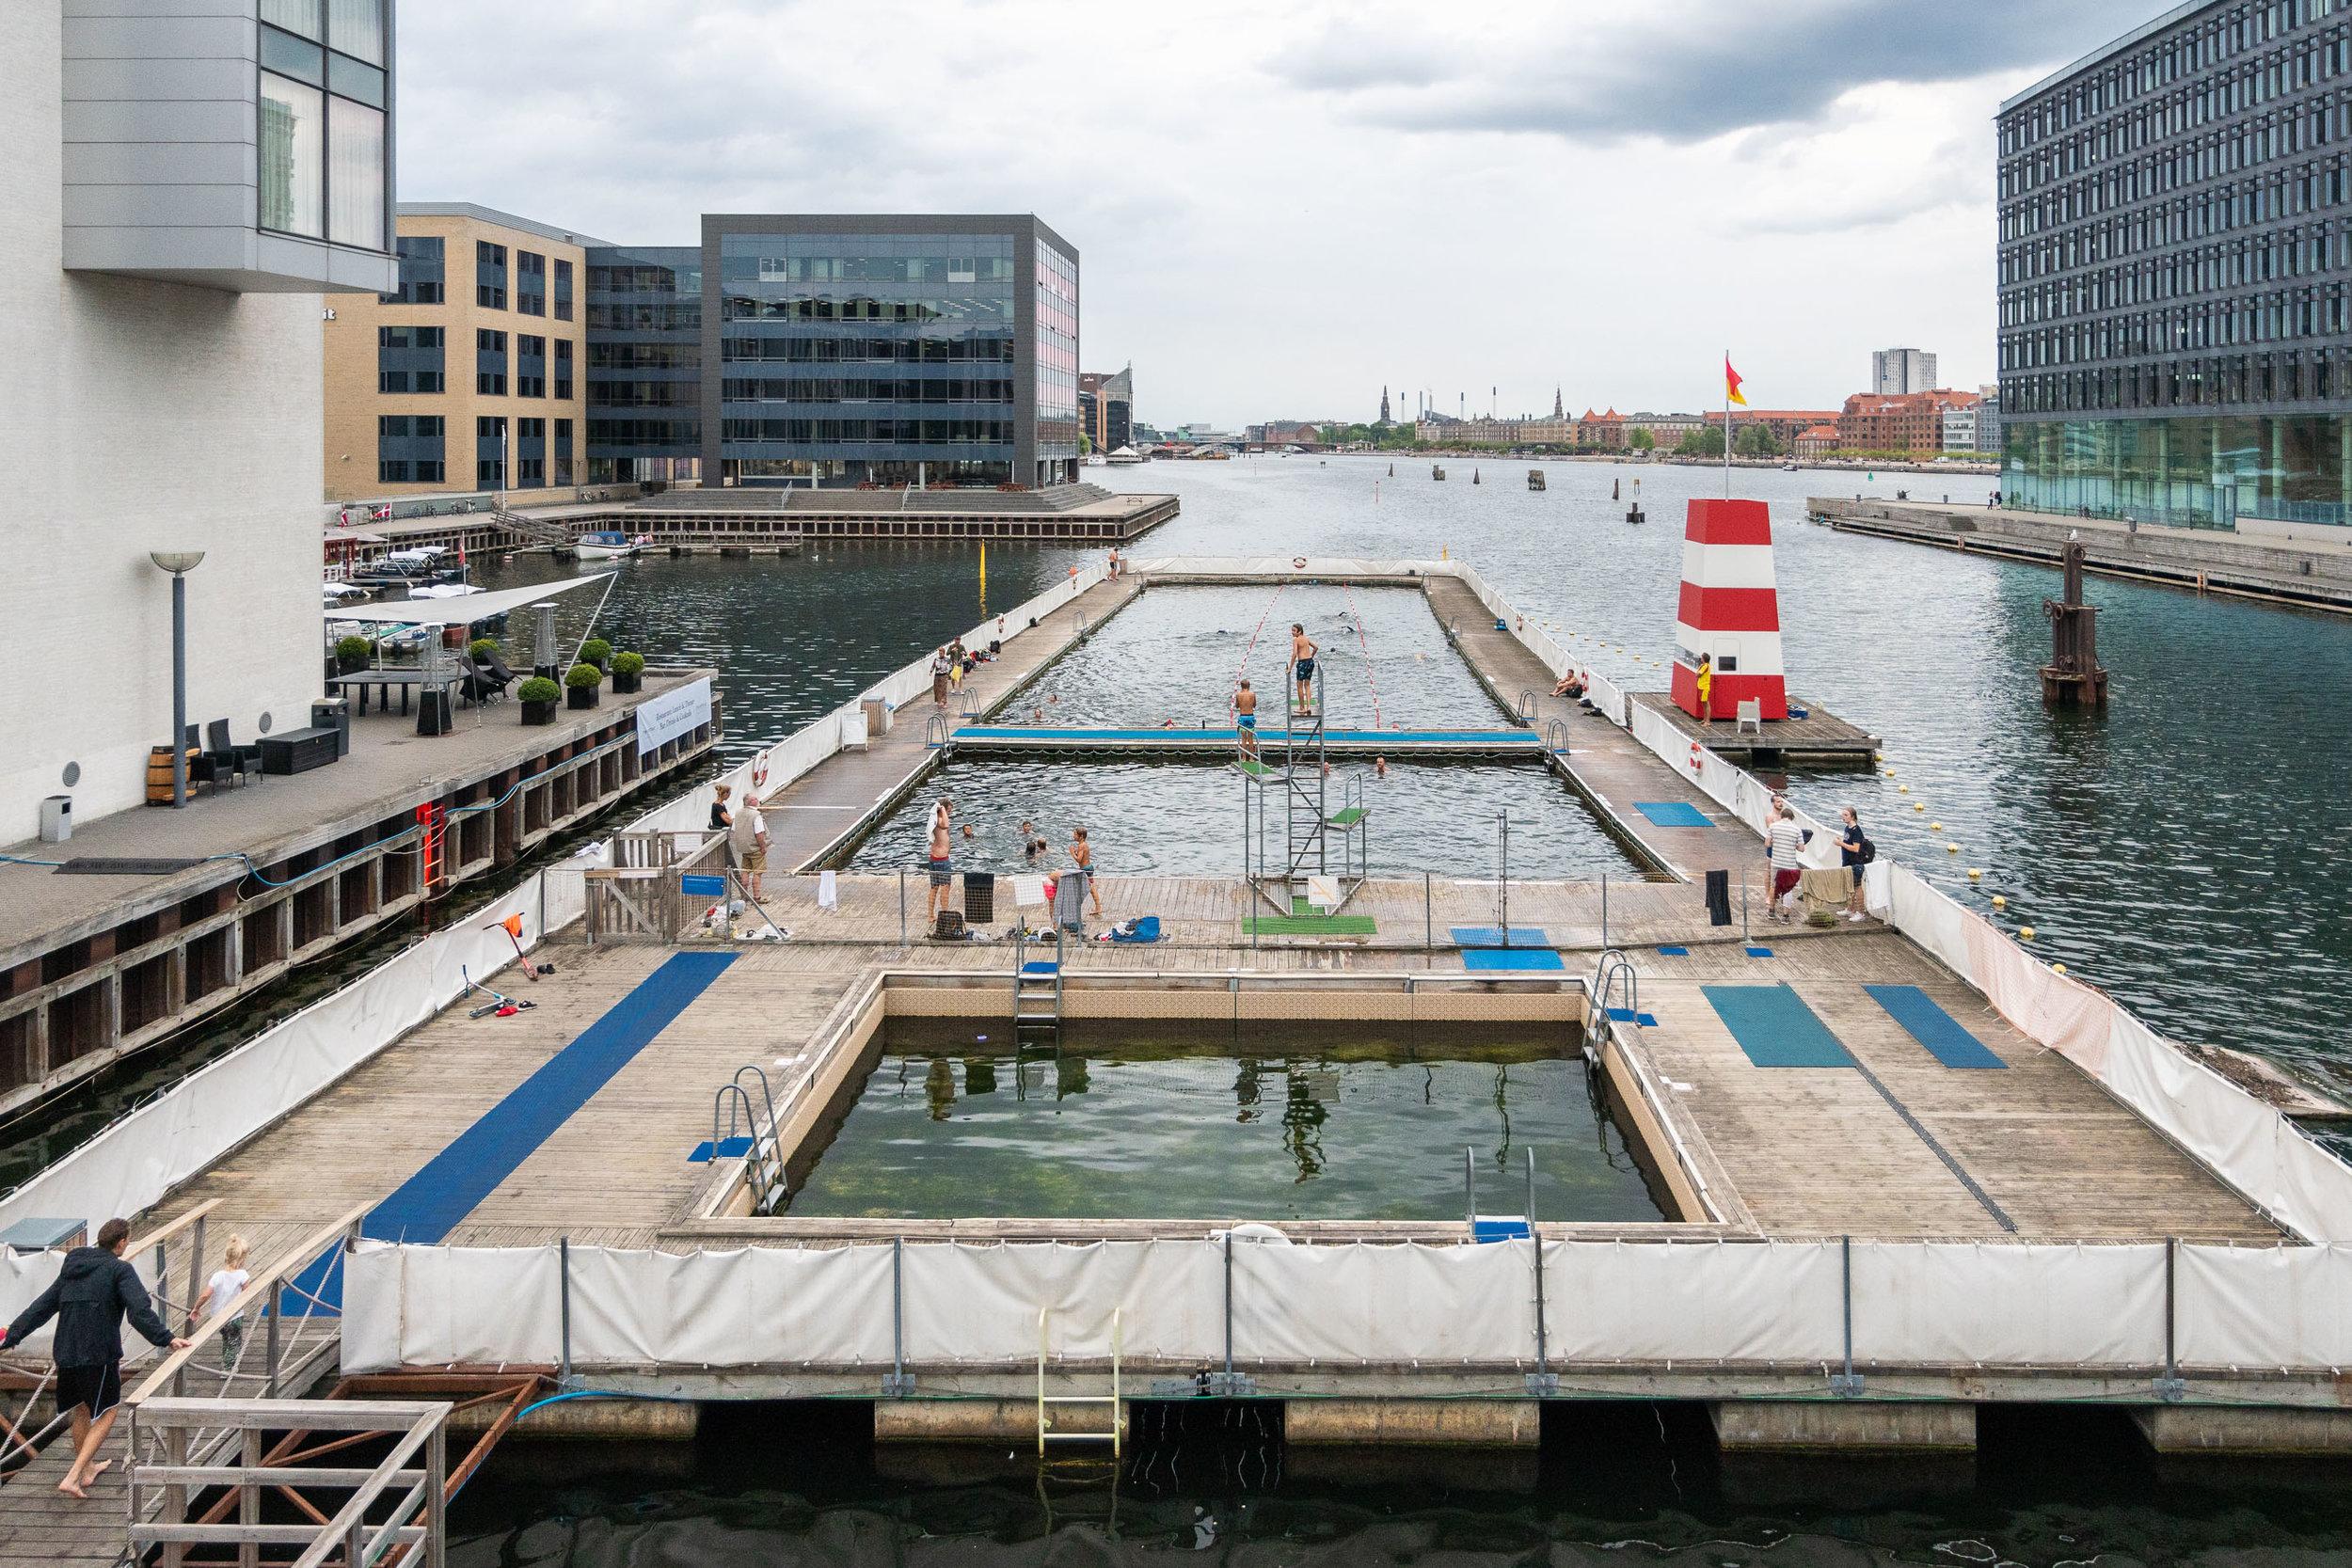 Havnebadet Fisketorvet, Copenhagen